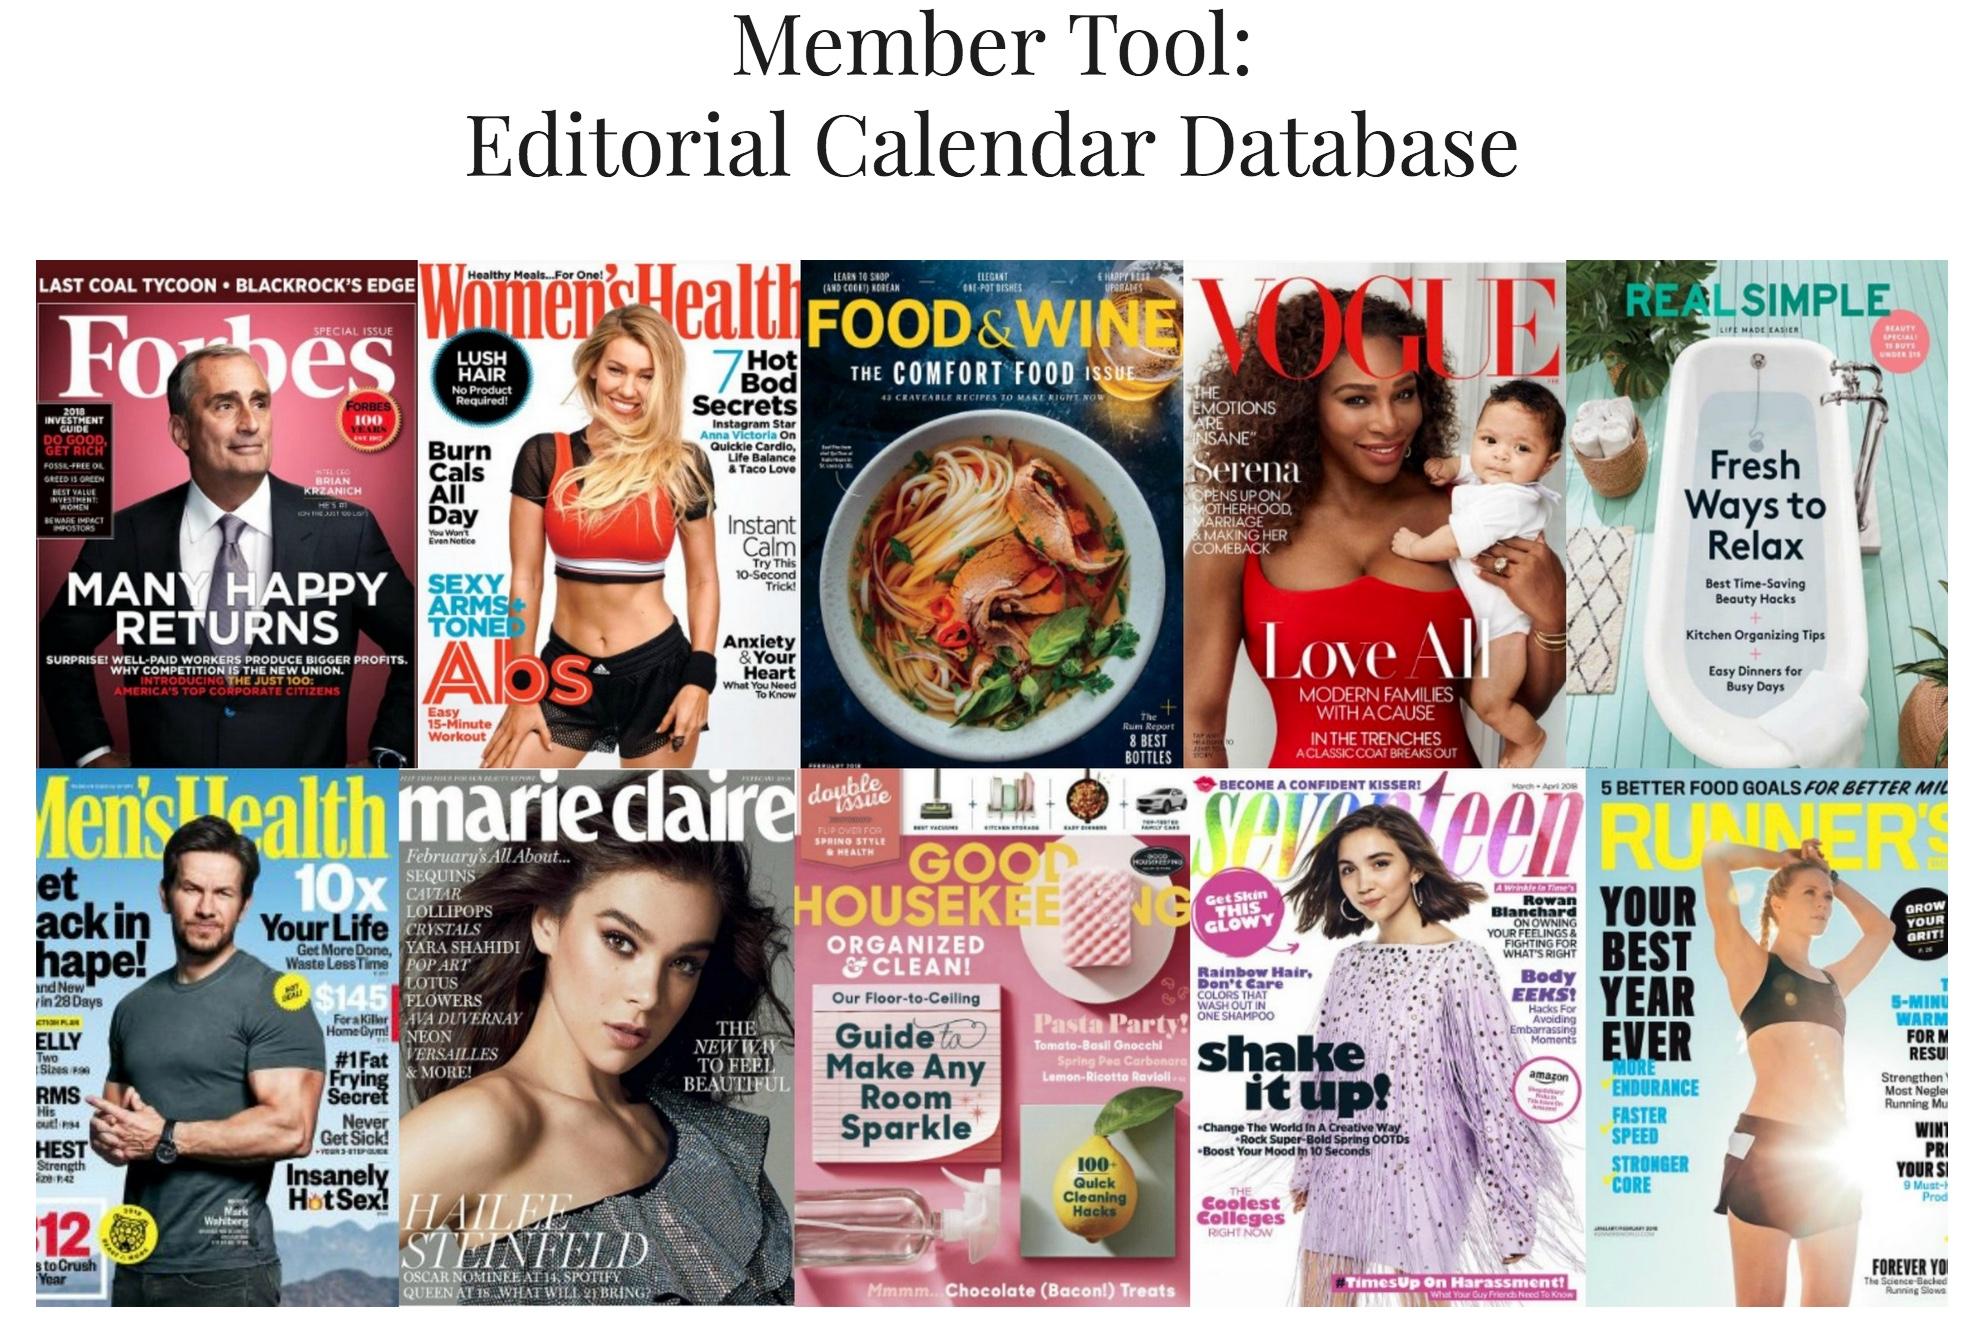 editorial calendar member tool.jpeg